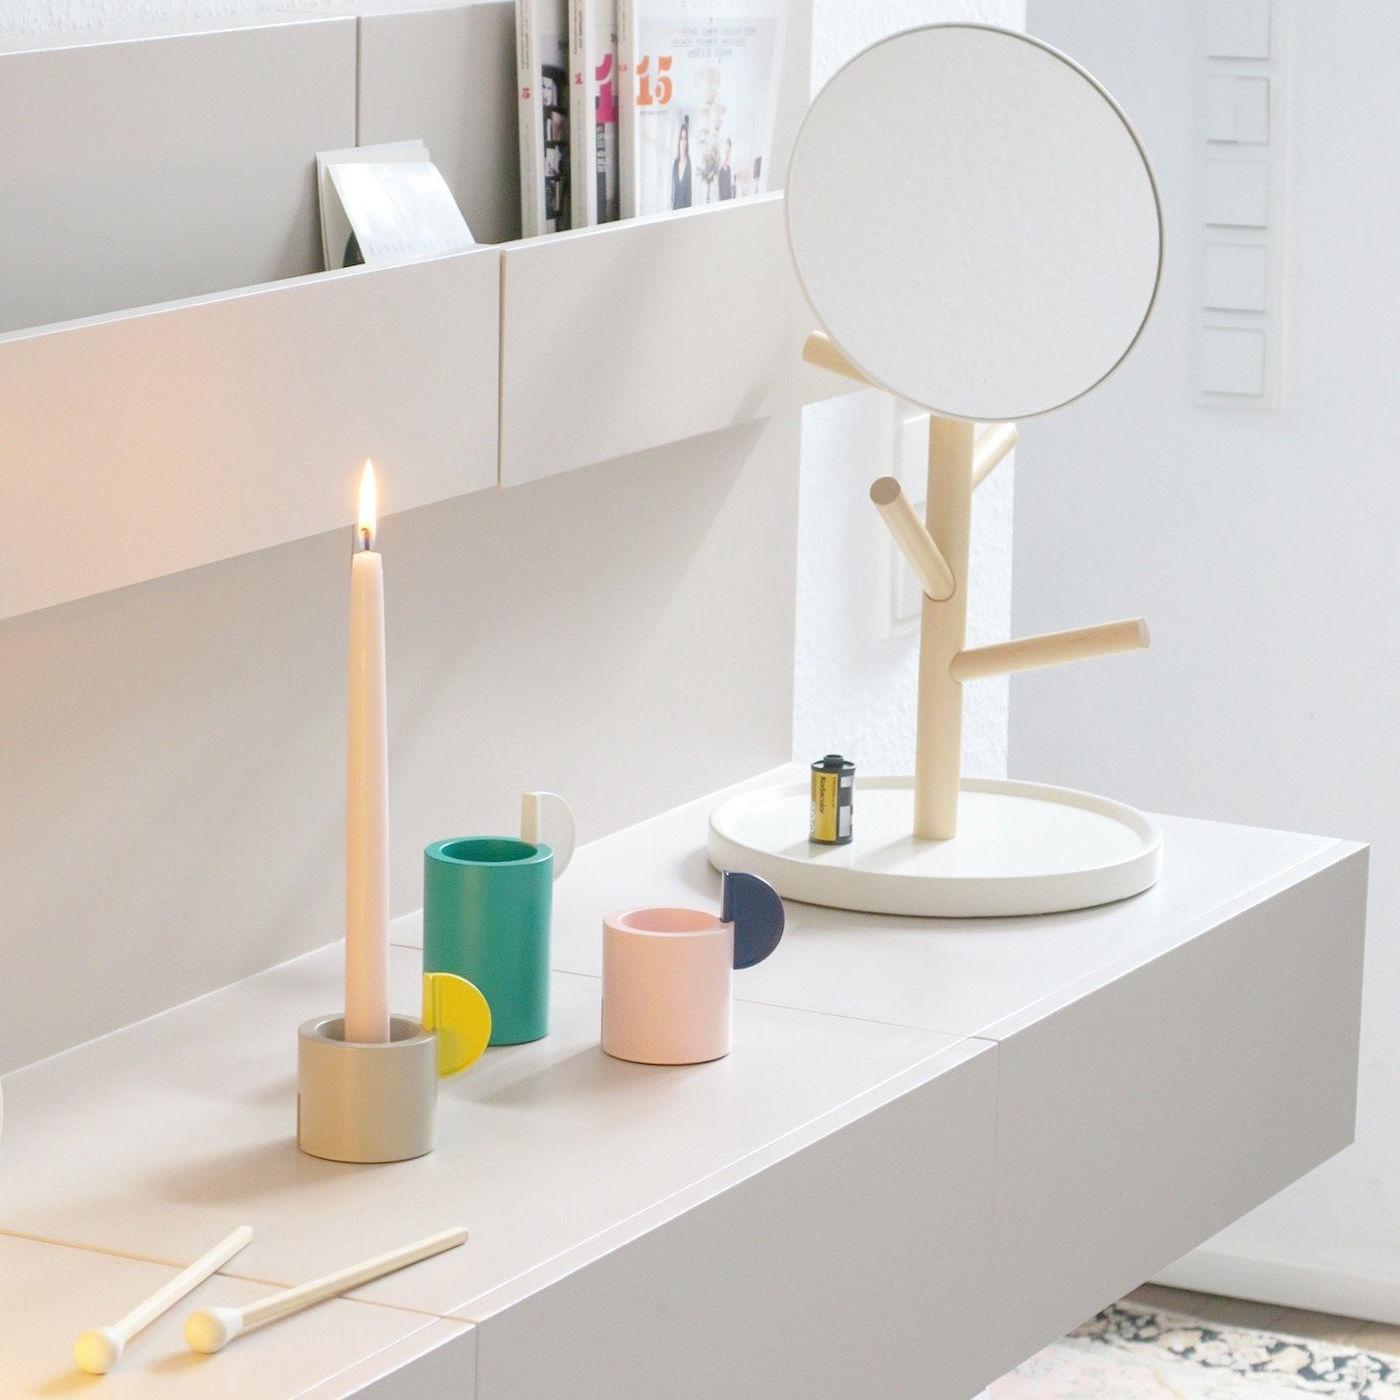 Die Besten Ideen Fur Ikea Hacks